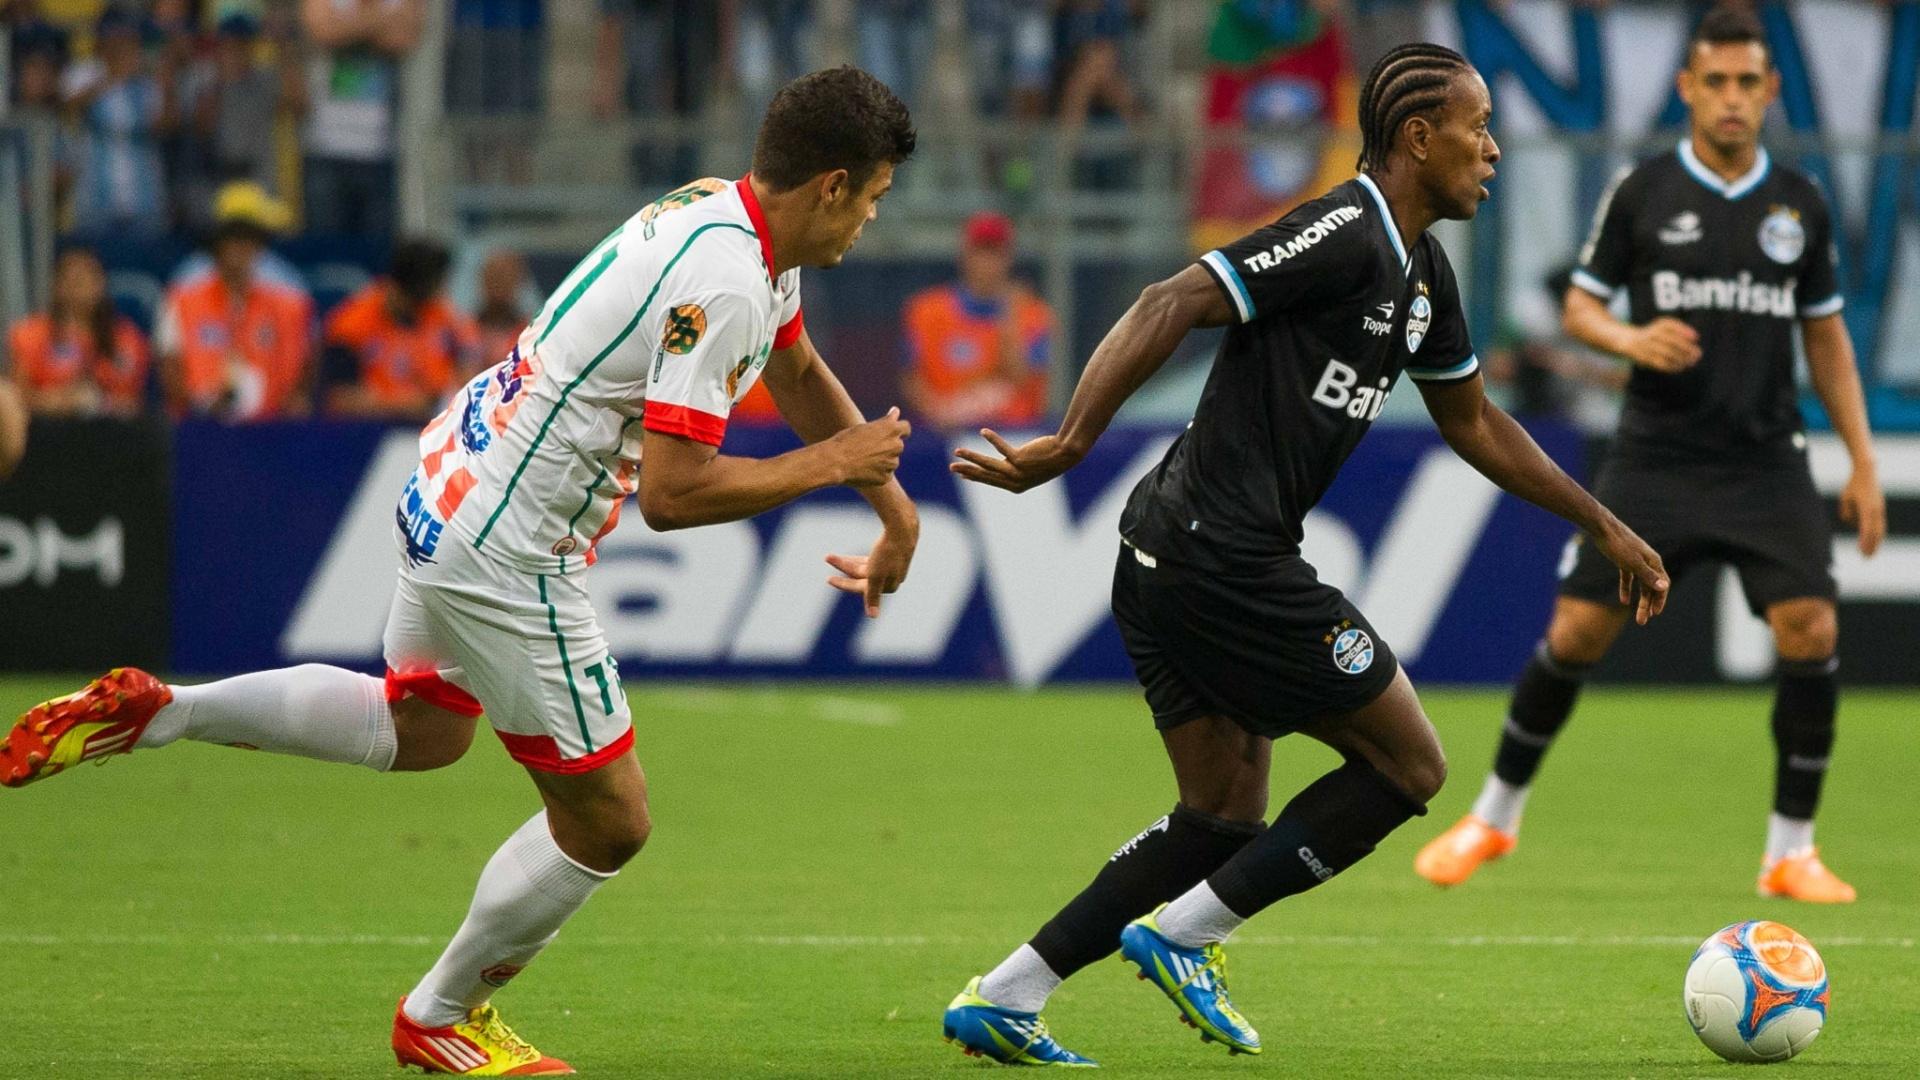 09.mar.2014 - Zé Roberto escapa da marcação do Passo Fundo no jogo válido pelo Campeonato Gaúcho